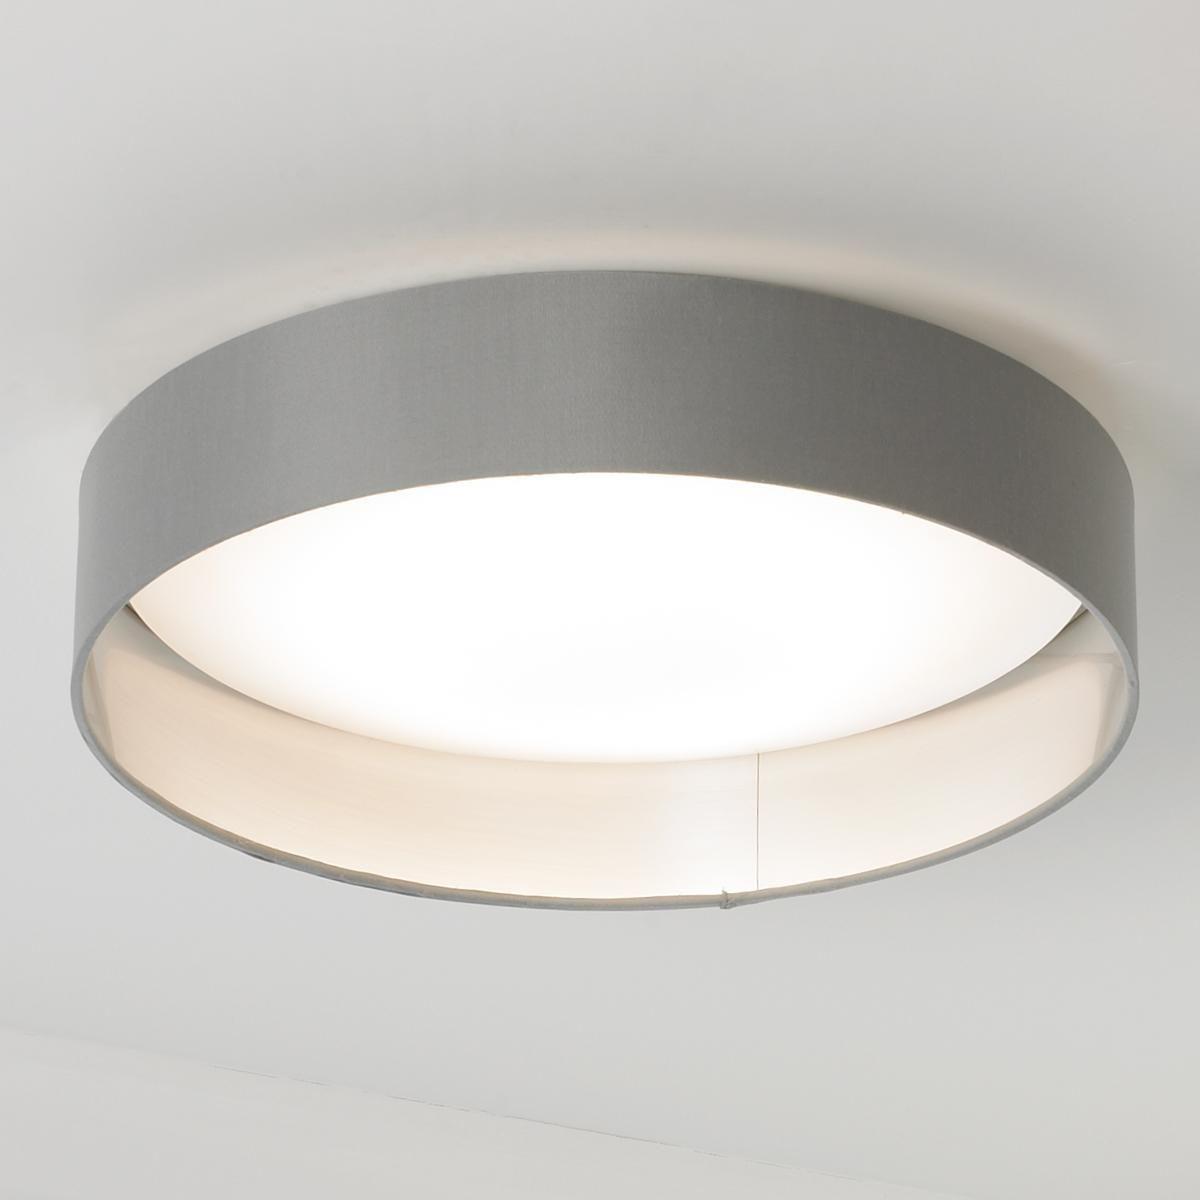 Modern Ringed Led Ceiling Light Bedroom Ceiling Light Bathroom